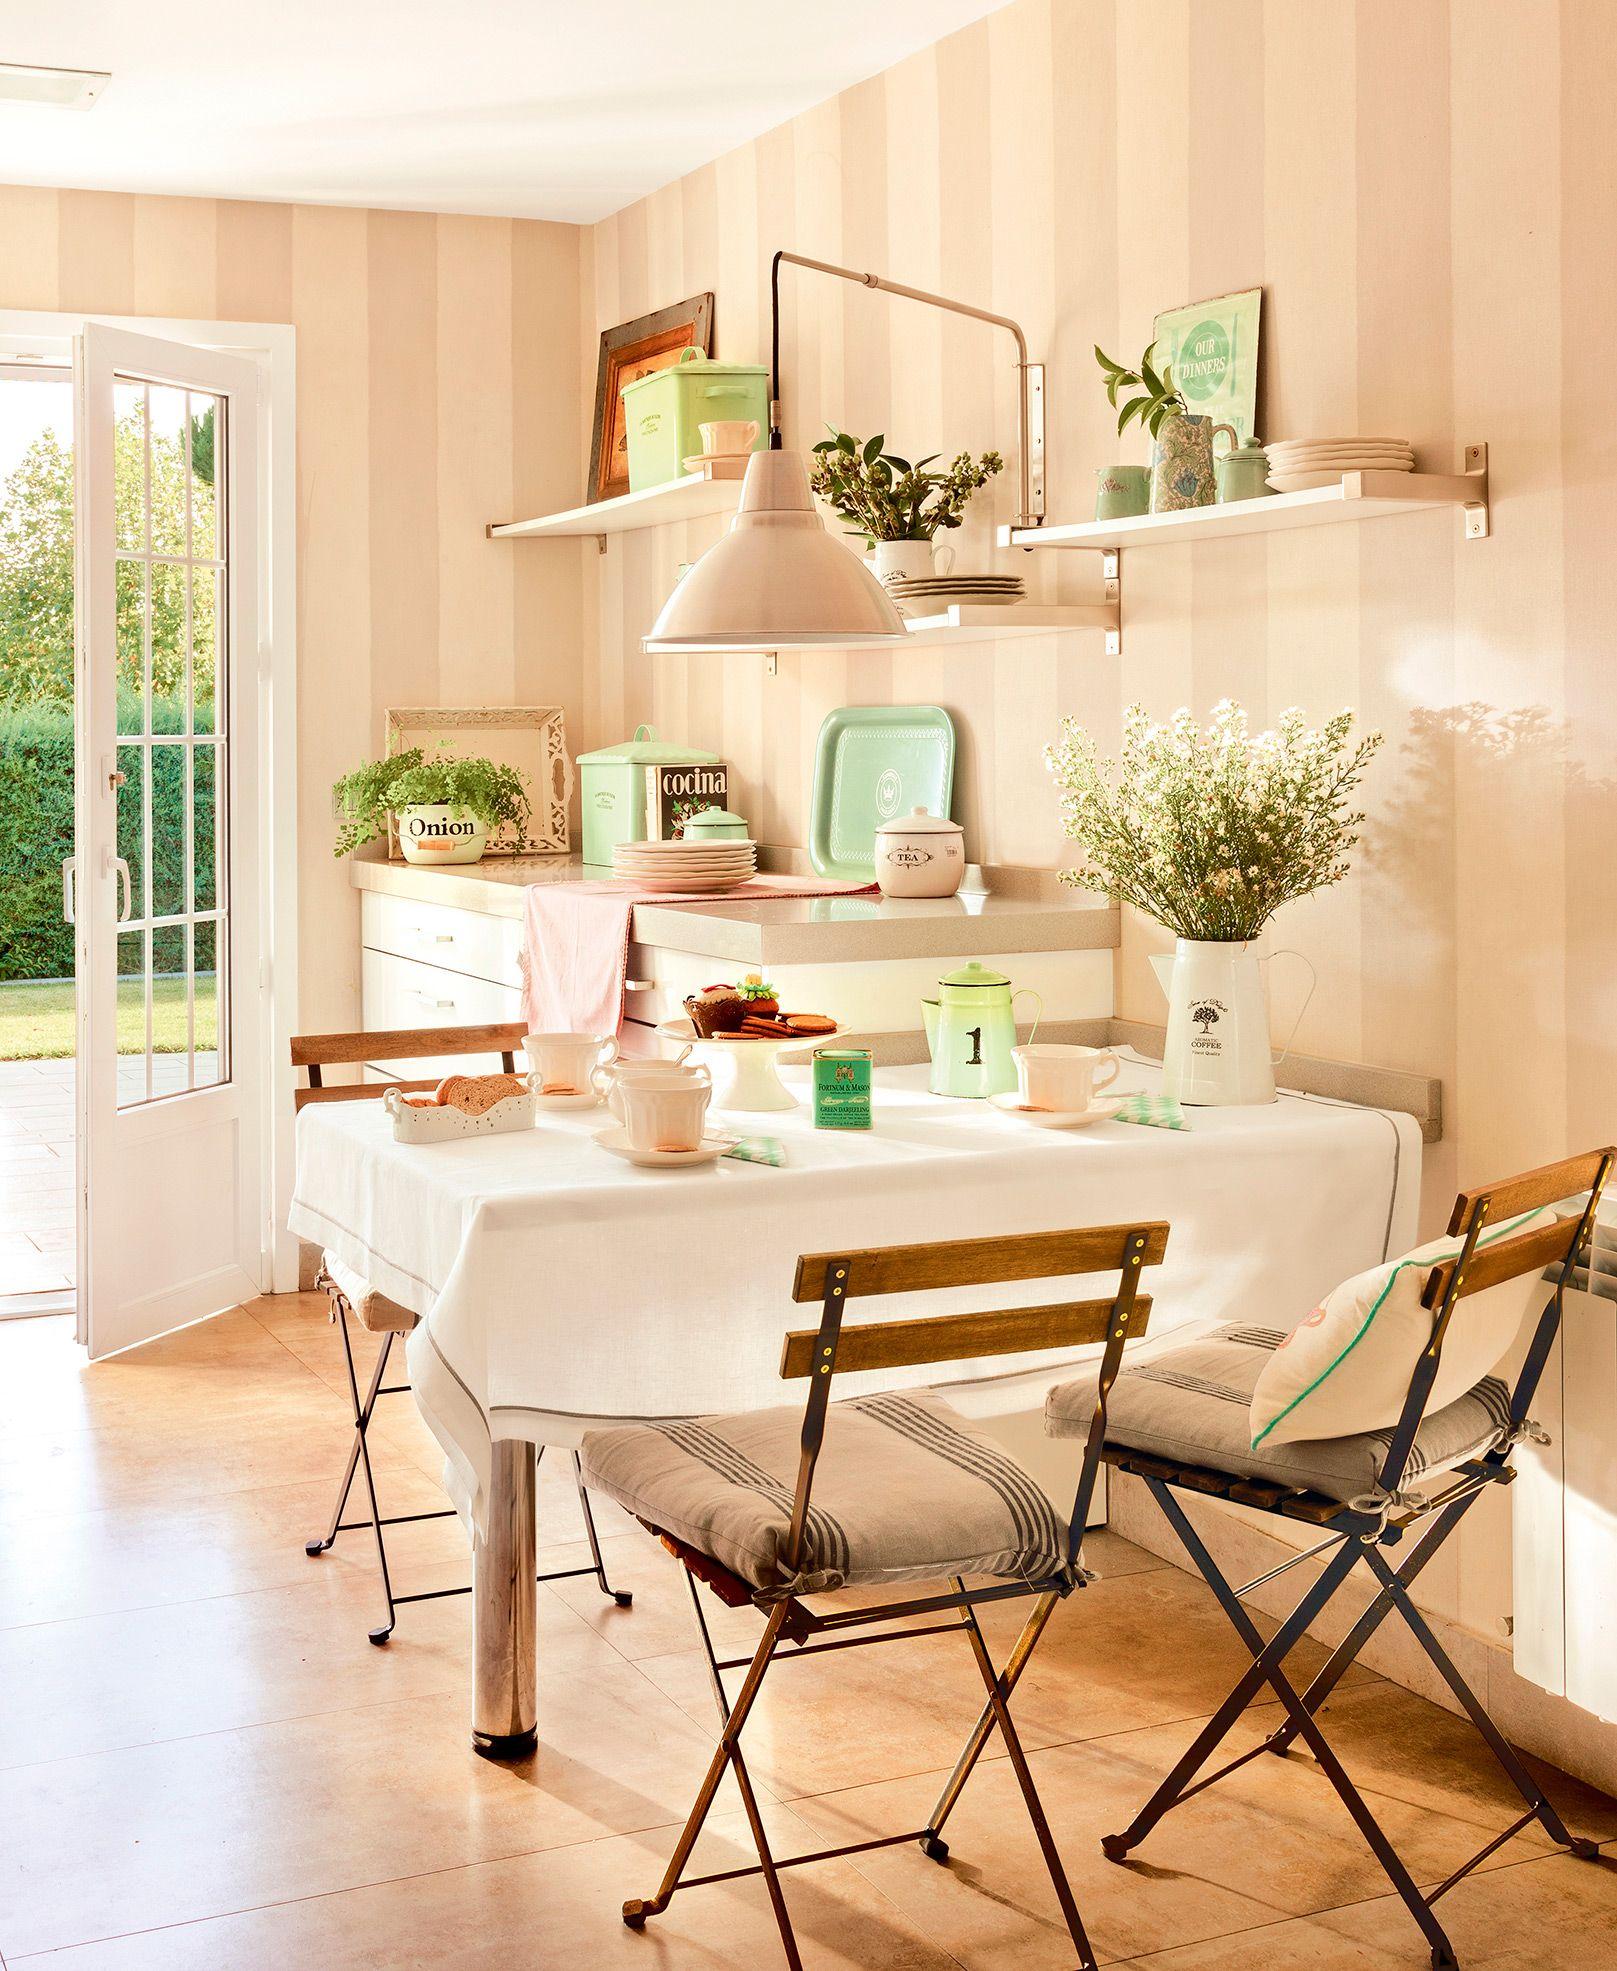 Comedor con mesa fijada a la pared sillas plegables - Sillas plegables comedor ...